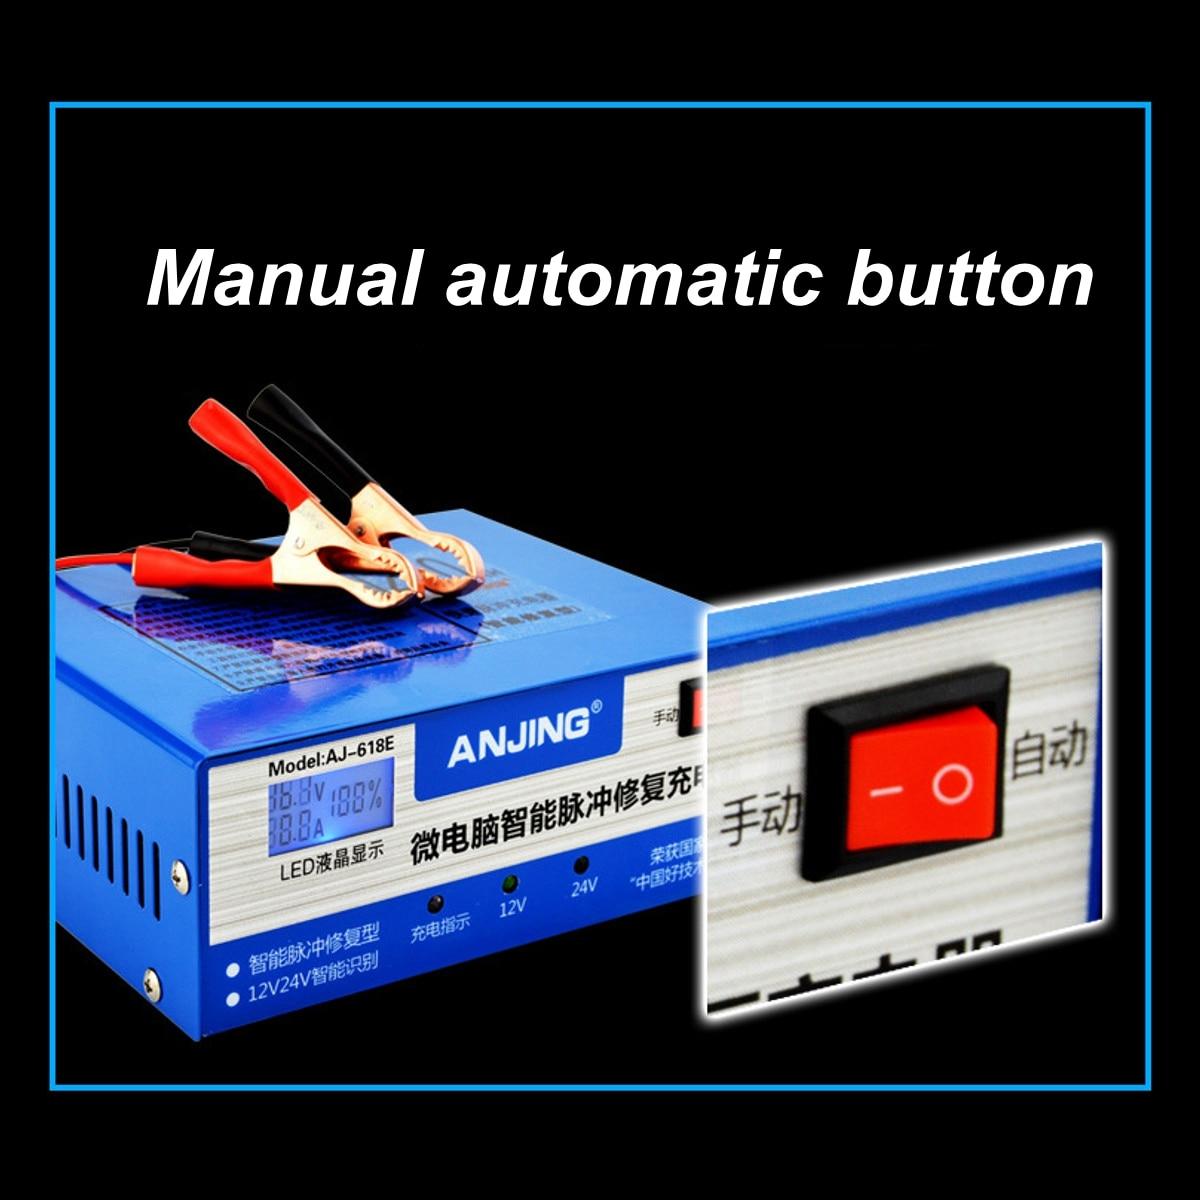 Автомобильное зарядное устройство автоматический интеллектуальный ремонт импульсов 130V-250V 200AH 12/24V с адаптером